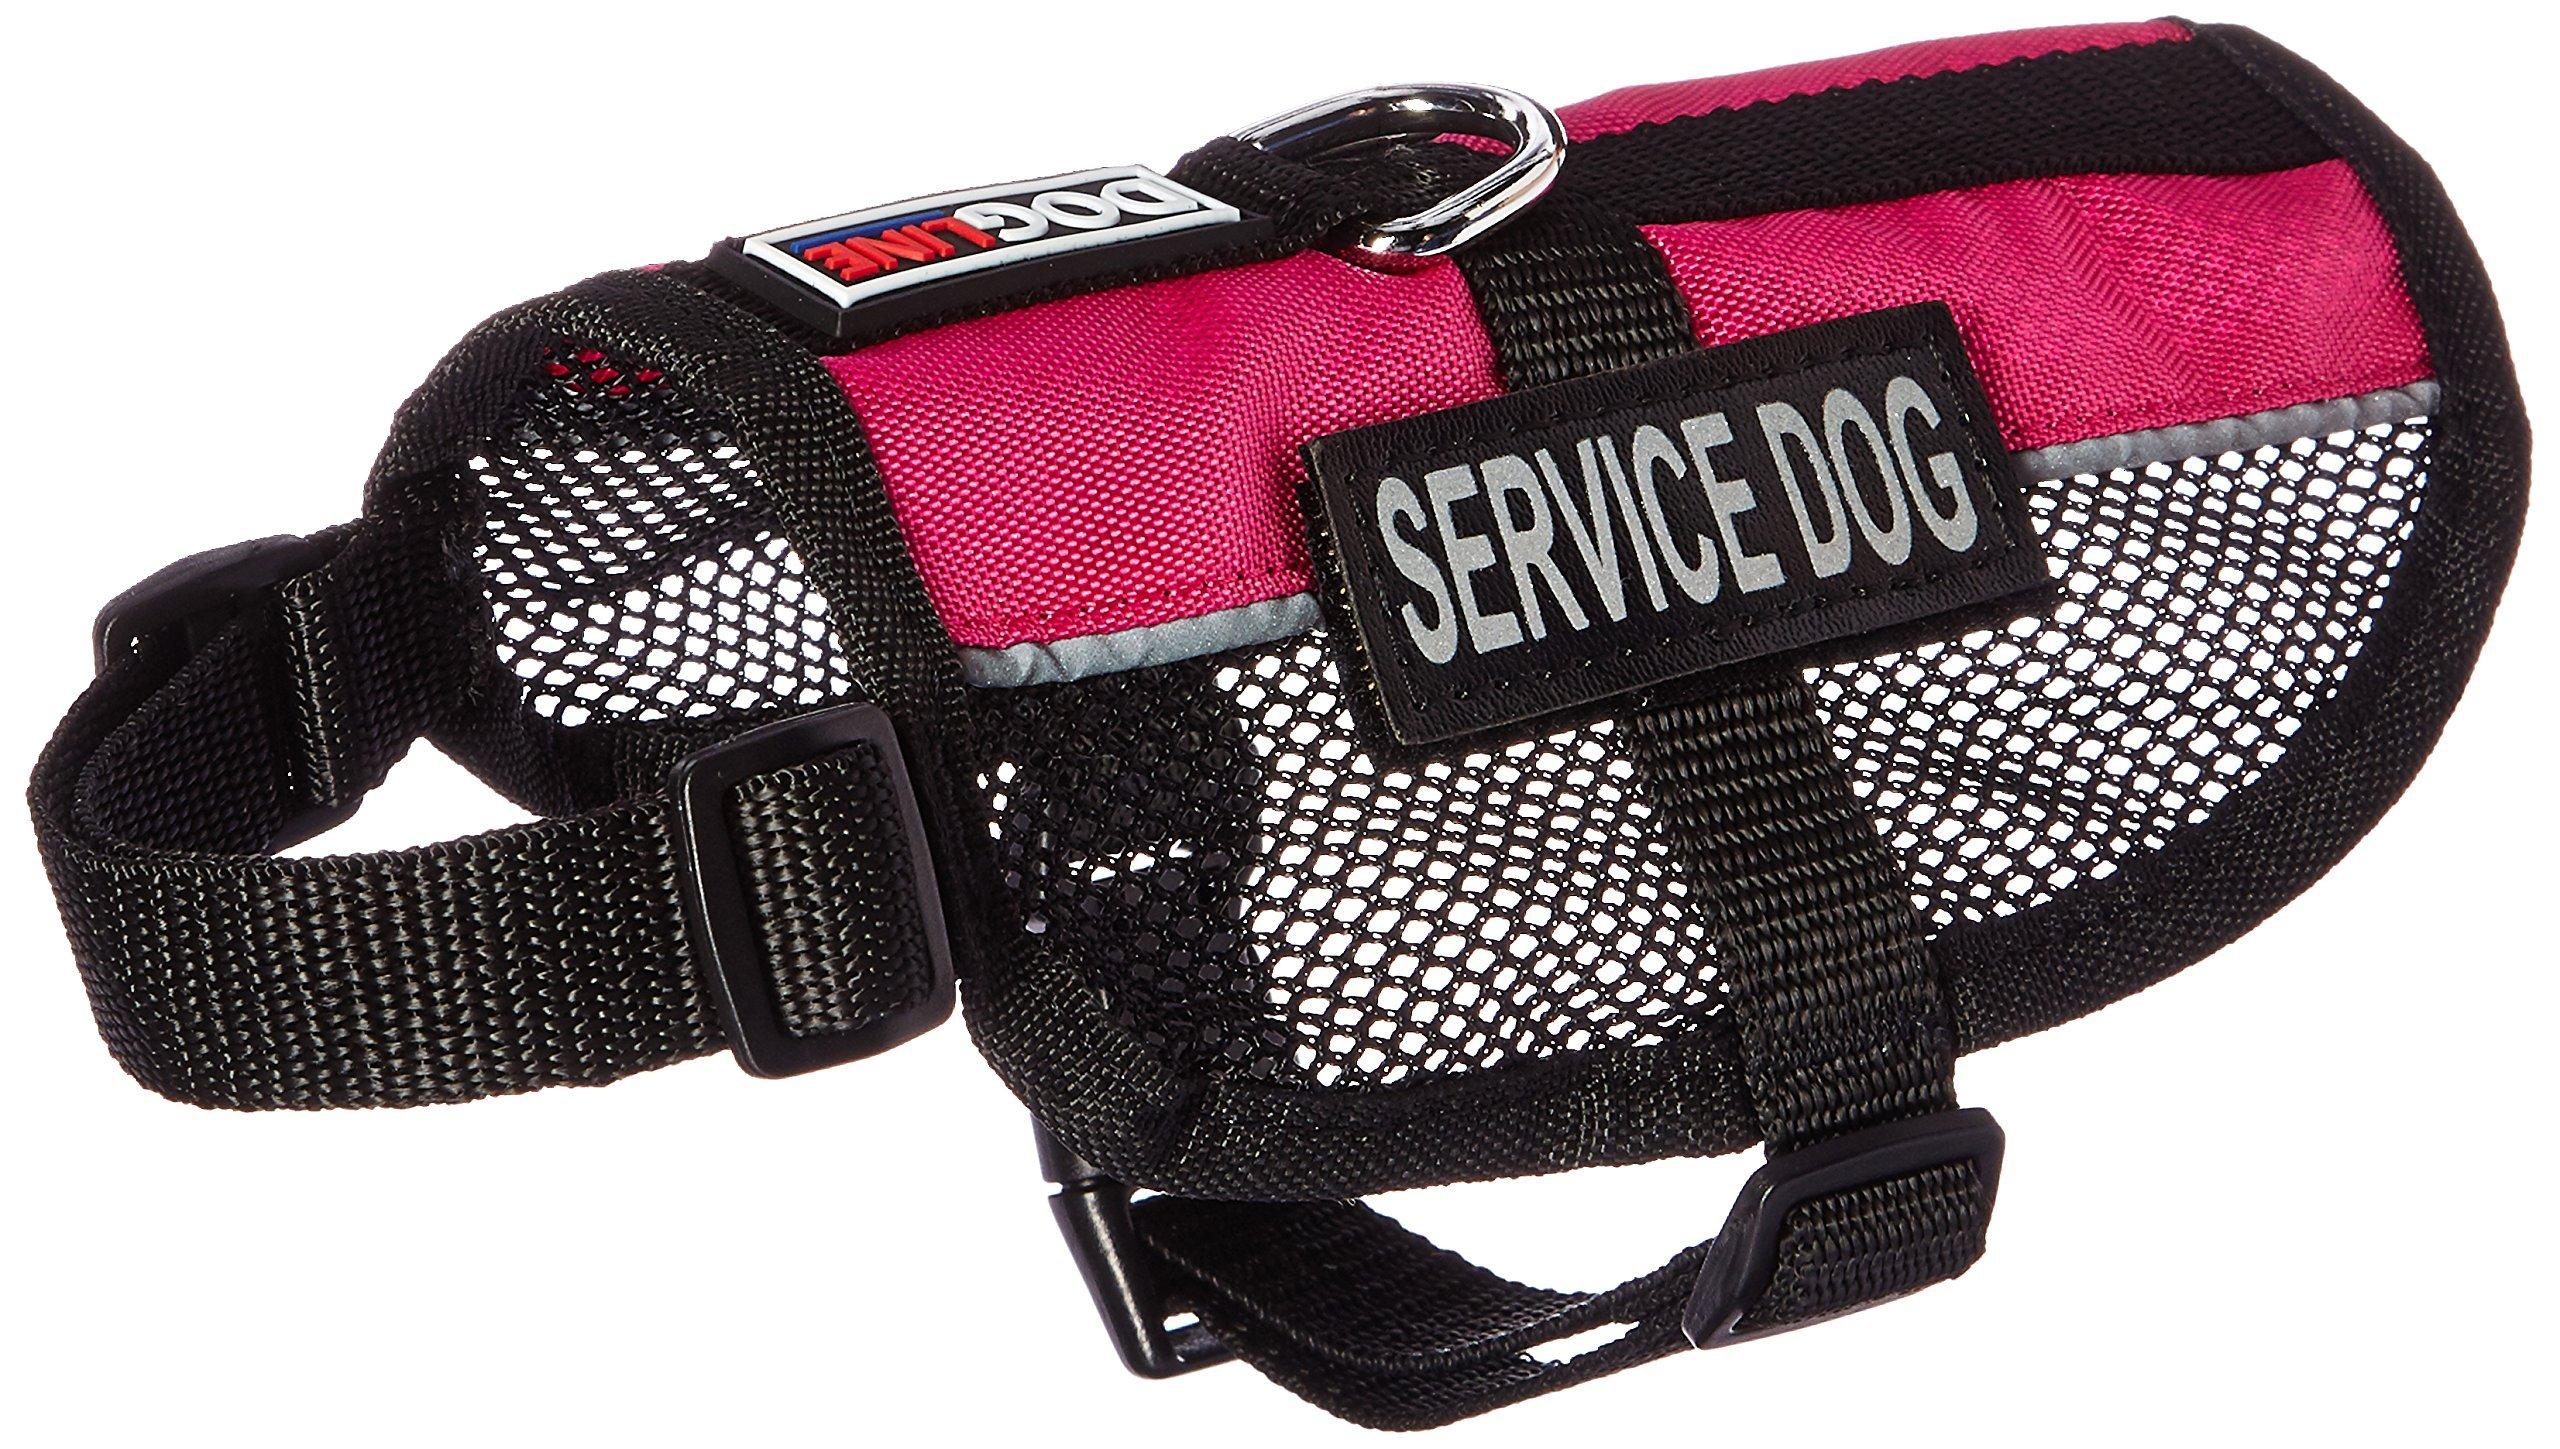 Dogline Service Dog Vest, 13 by 16-Inch, Pink